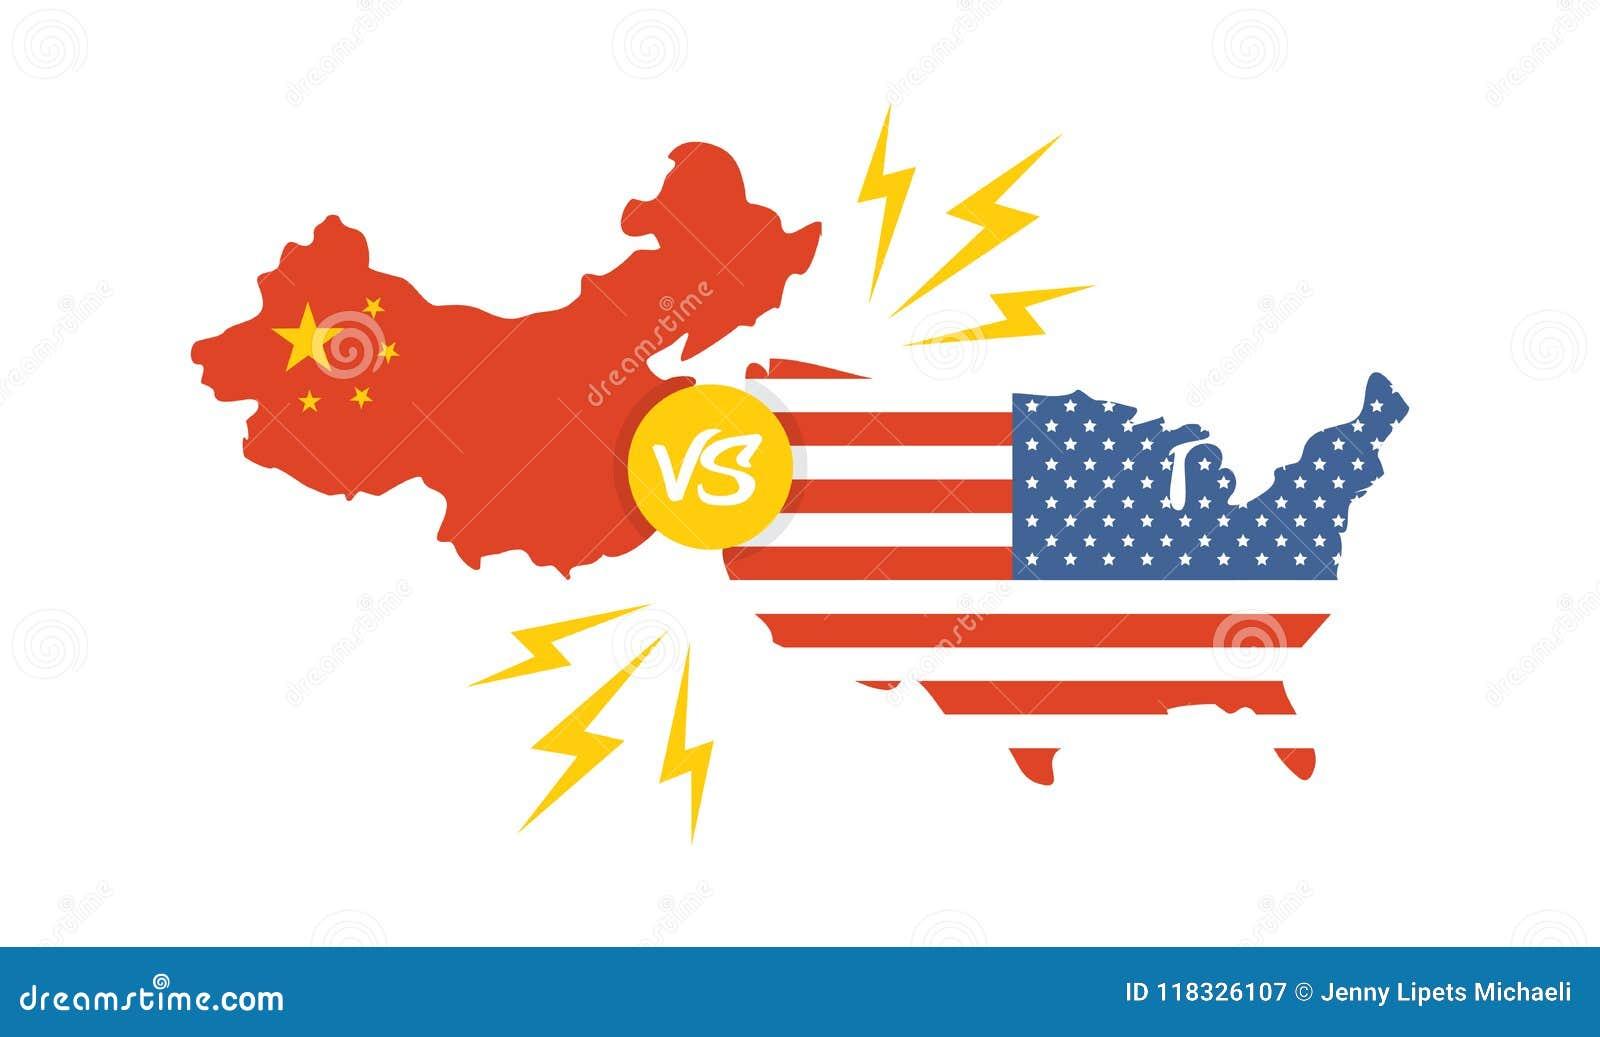 Εμπορικός πόλεμος, επιχειρησιακή σφαιρική ανταλλαγή δασμολογίων της Αμερικής Κίνα διεθνής ΗΠΑ εναντίον της Κίνας